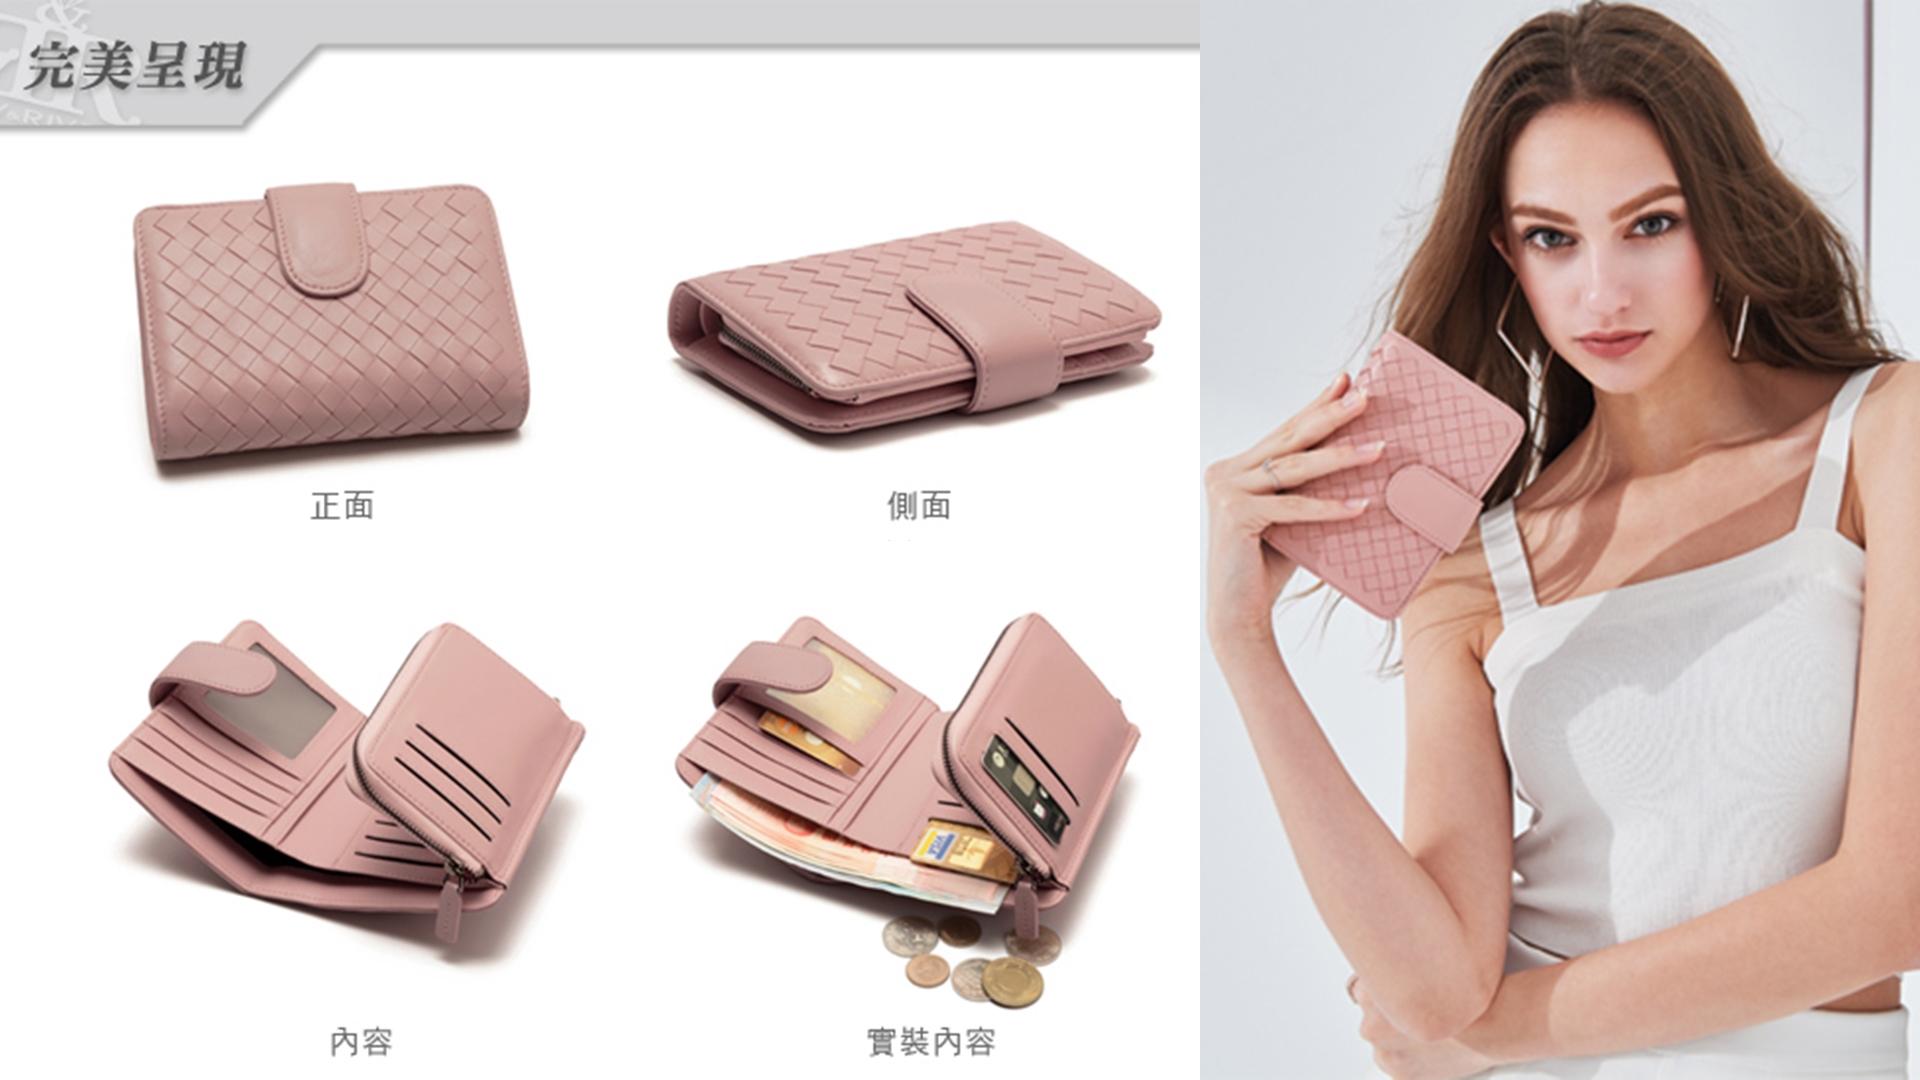 細呢編織皮夾,採用輕柔細緻的羔羊皮,高貴不貴的真皮皮夾